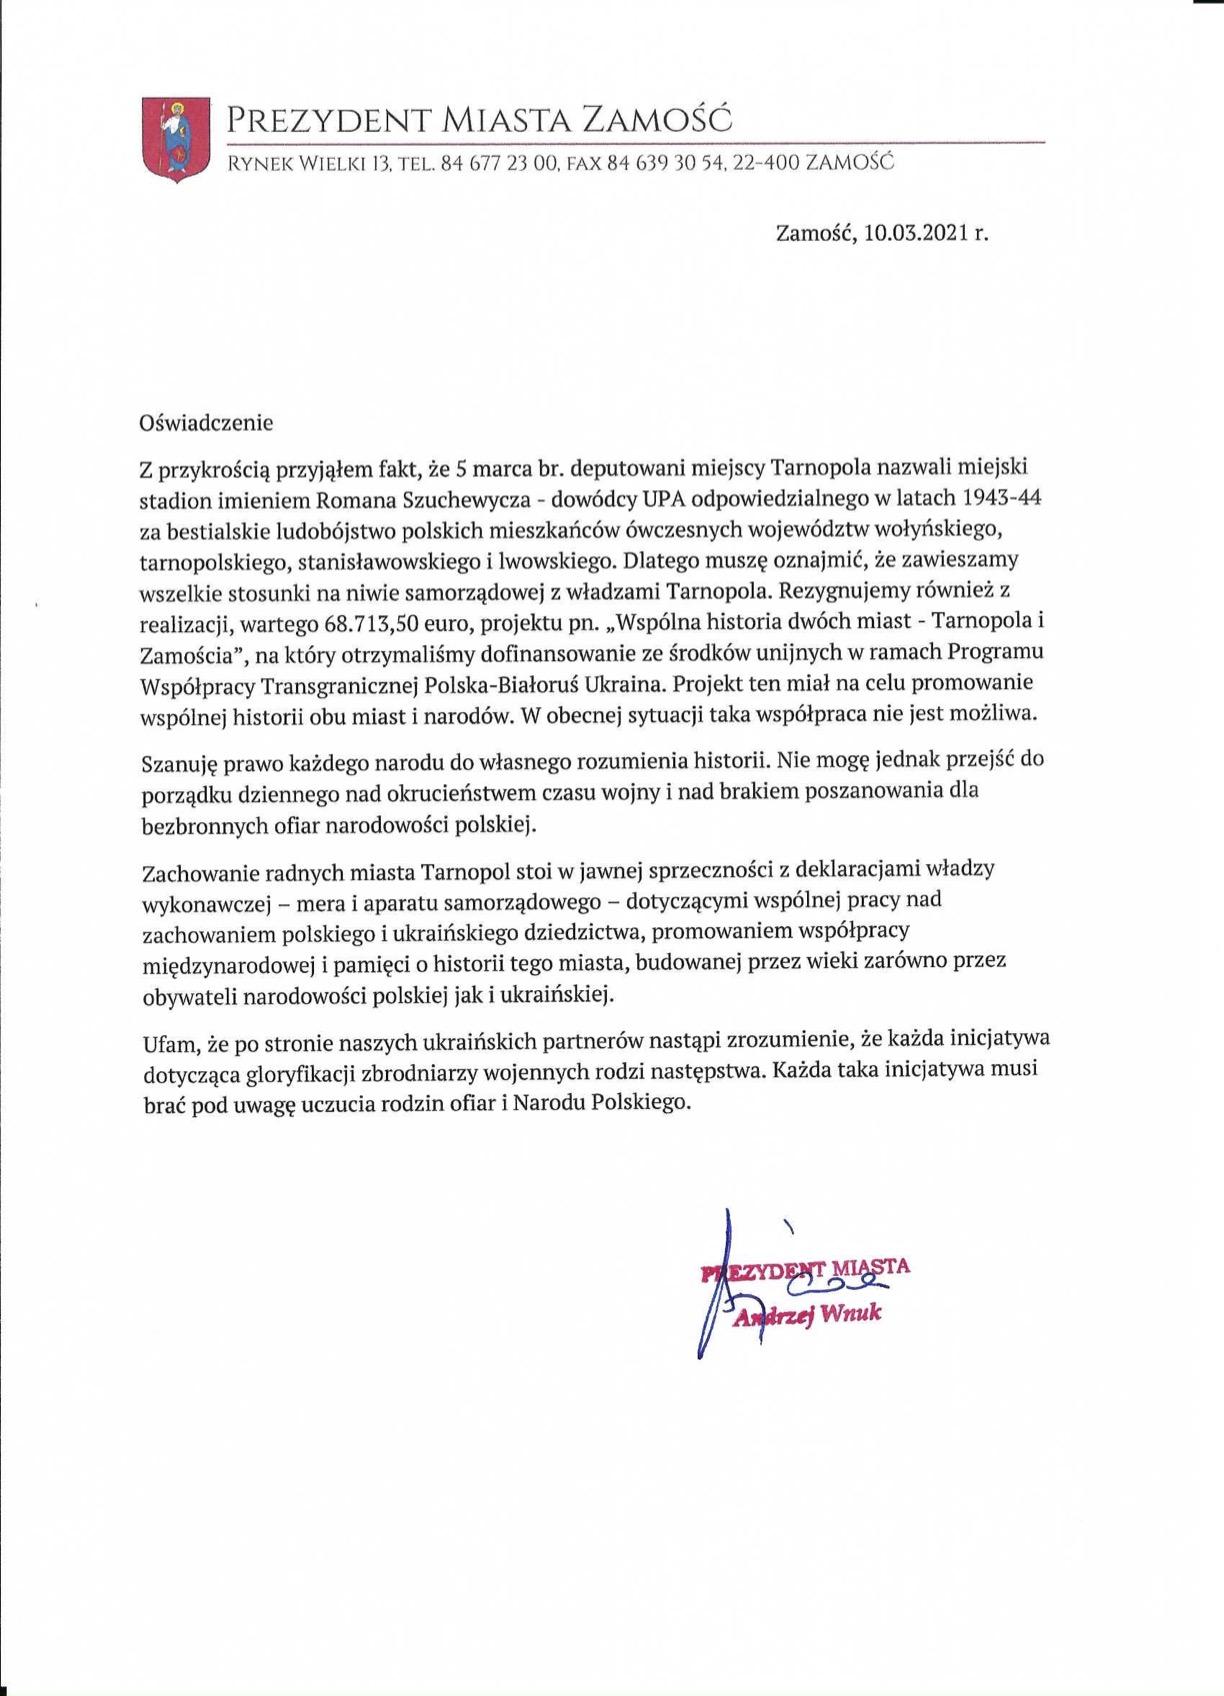 osiwiadczenie tarnopol 2021 Zamość zawiesza współpracę z Tarnopolem. Powodem uhonorowanie dowódcy UPA przez ukraińskie miasto